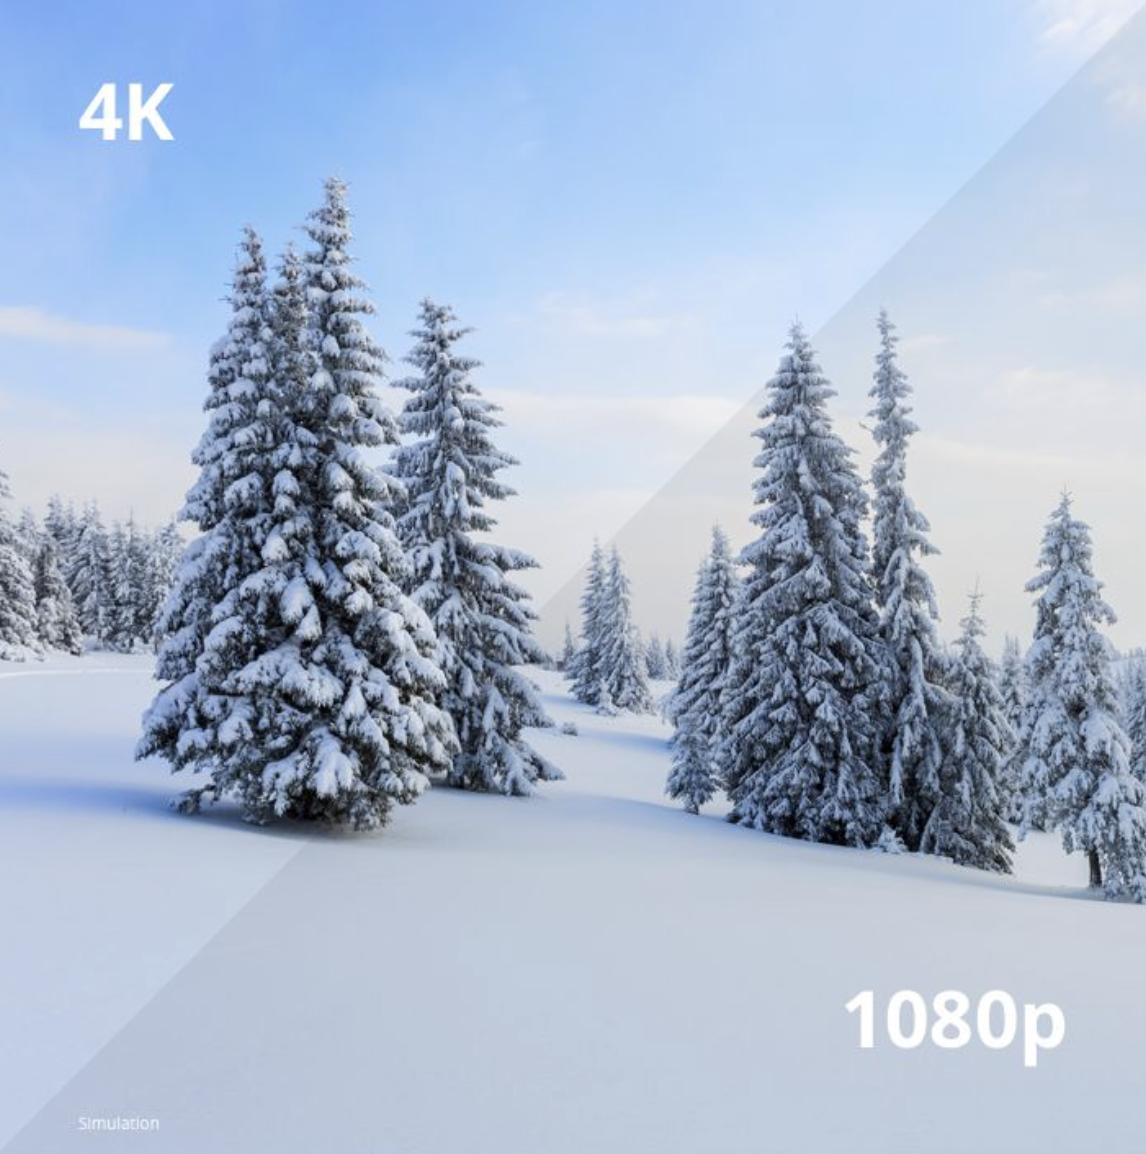 Image comparative entre la 4K et 1080p